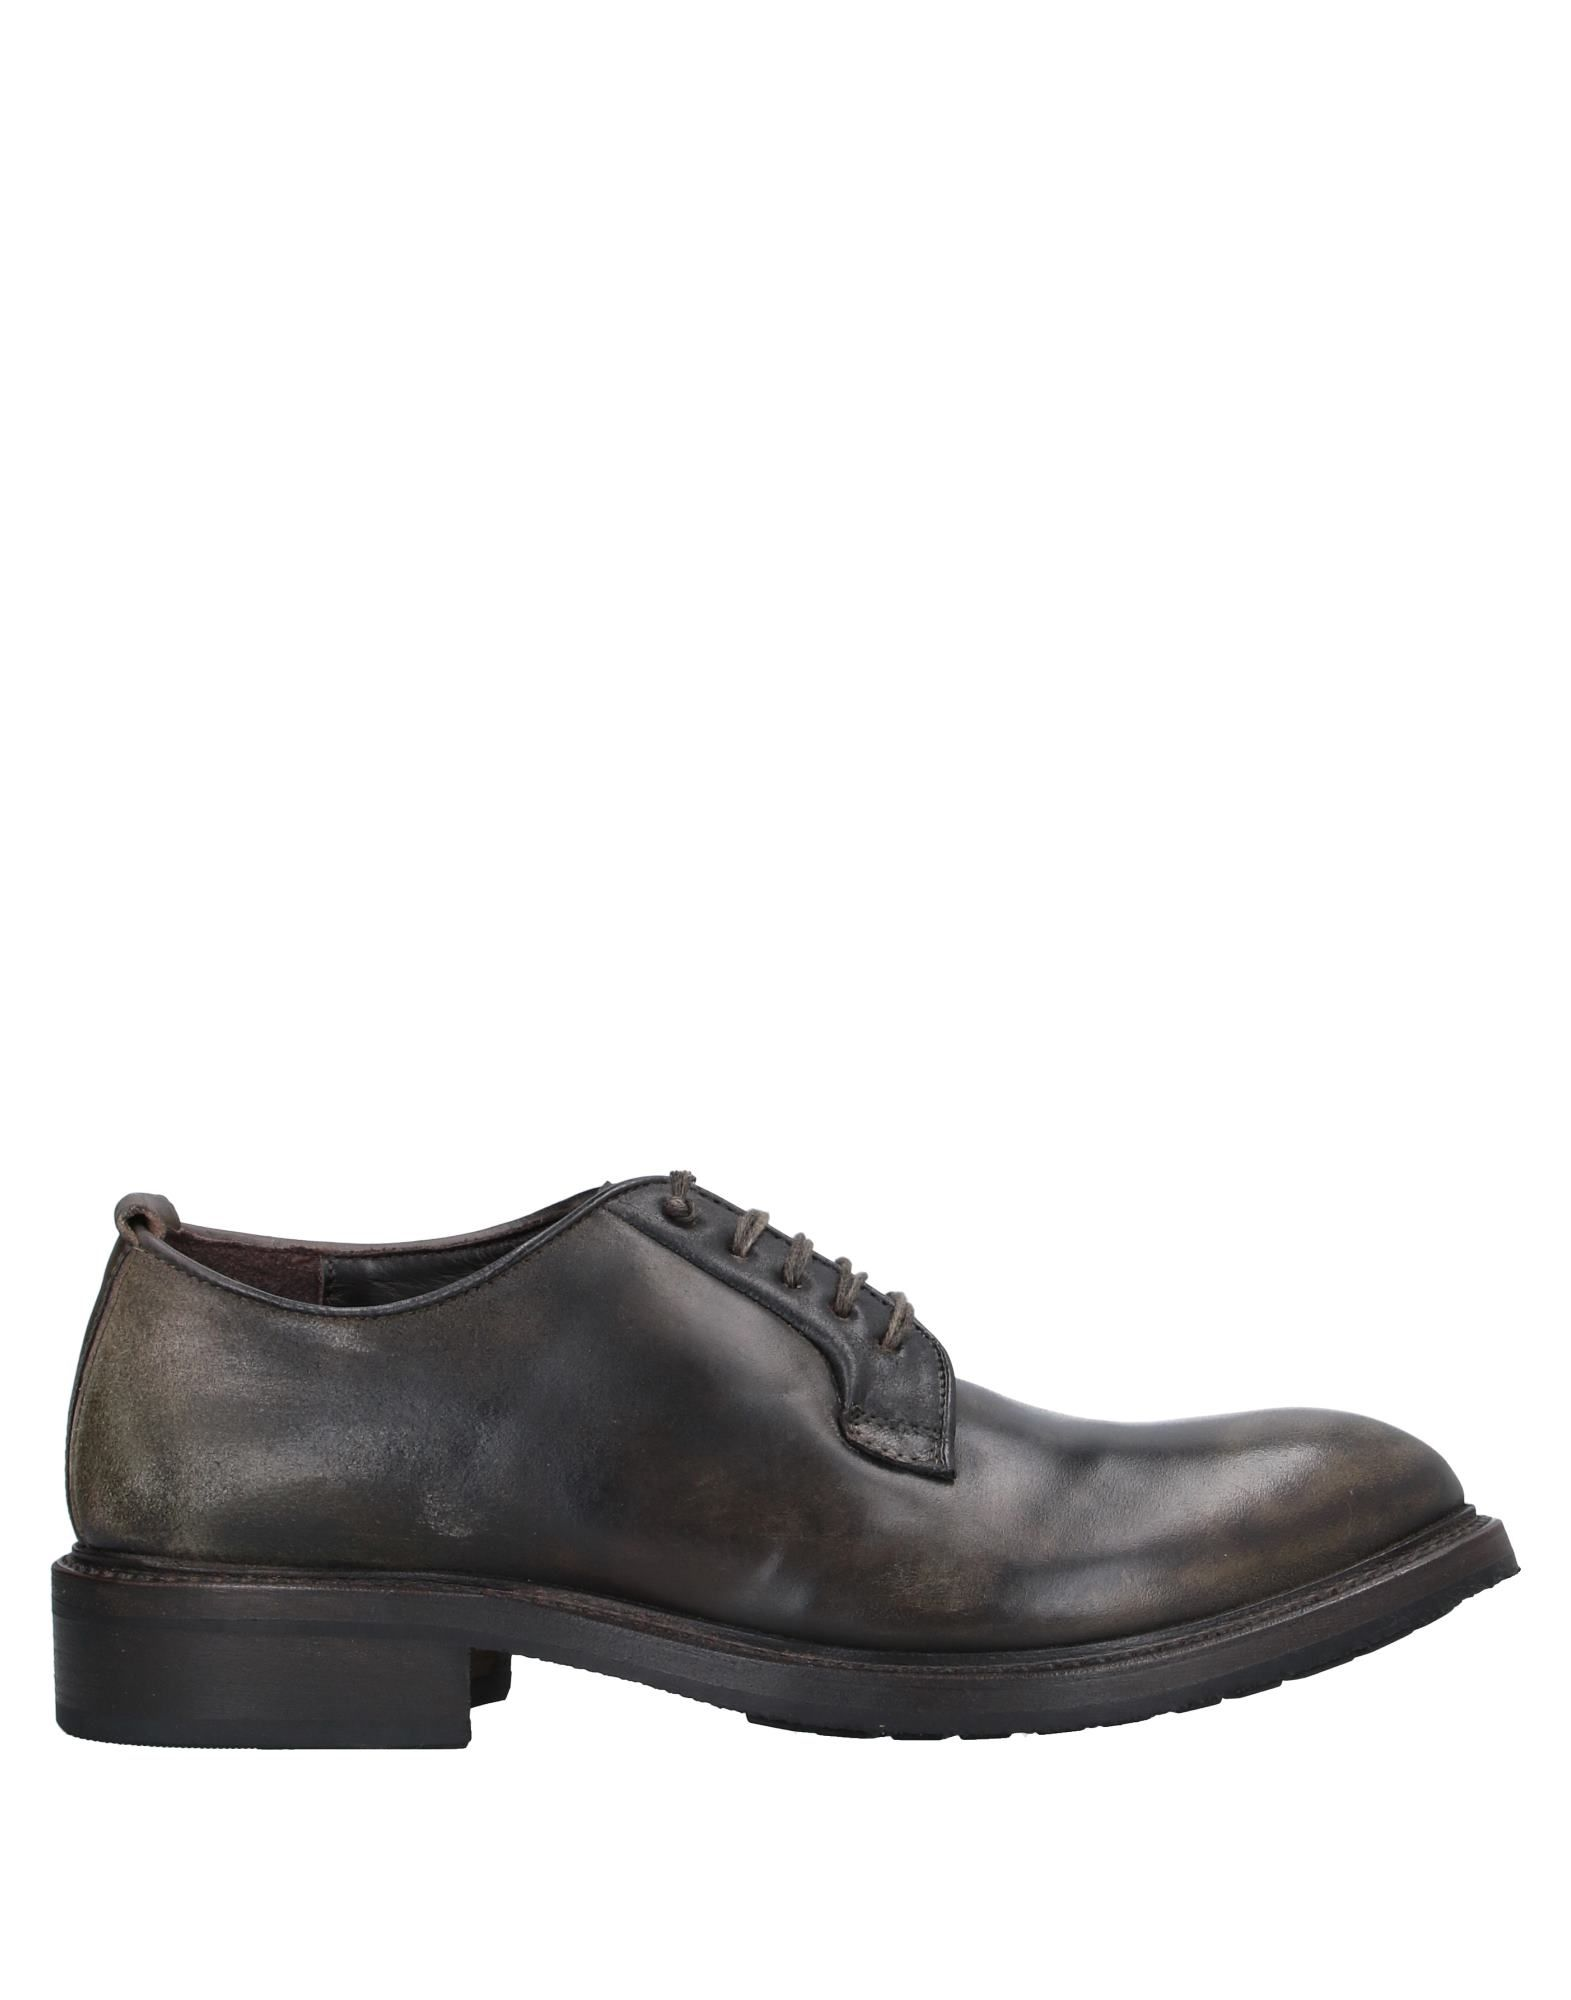 Shoto Schnürschuhe Herren  11473006CL Gute Qualität beliebte Schuhe